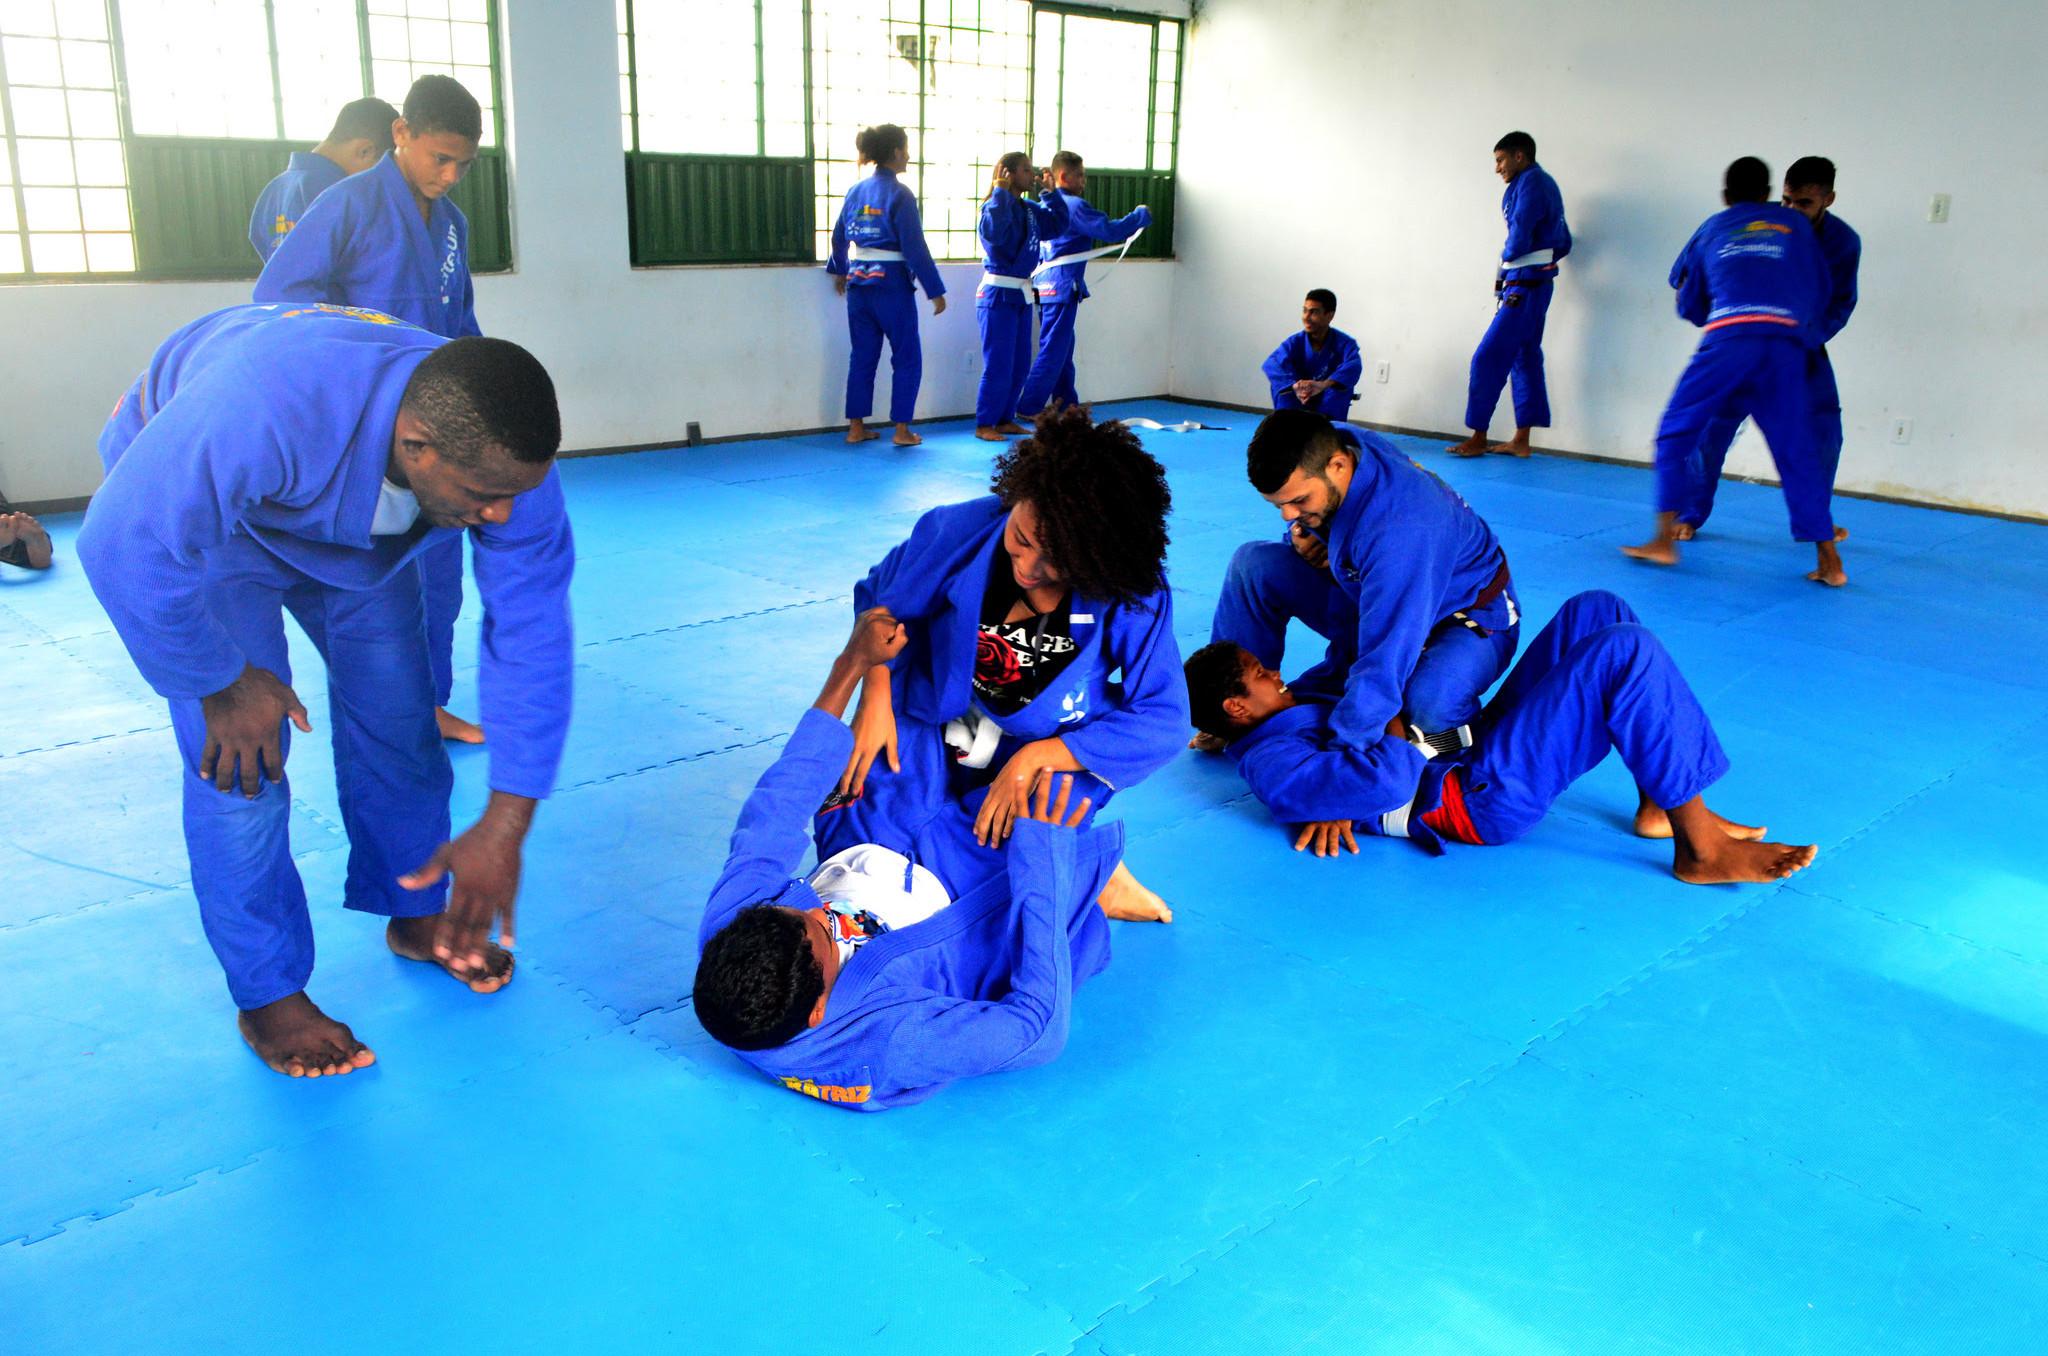 Competição tem participação das categorias infantil e infanto. (Foto: Patrícia Araújo)